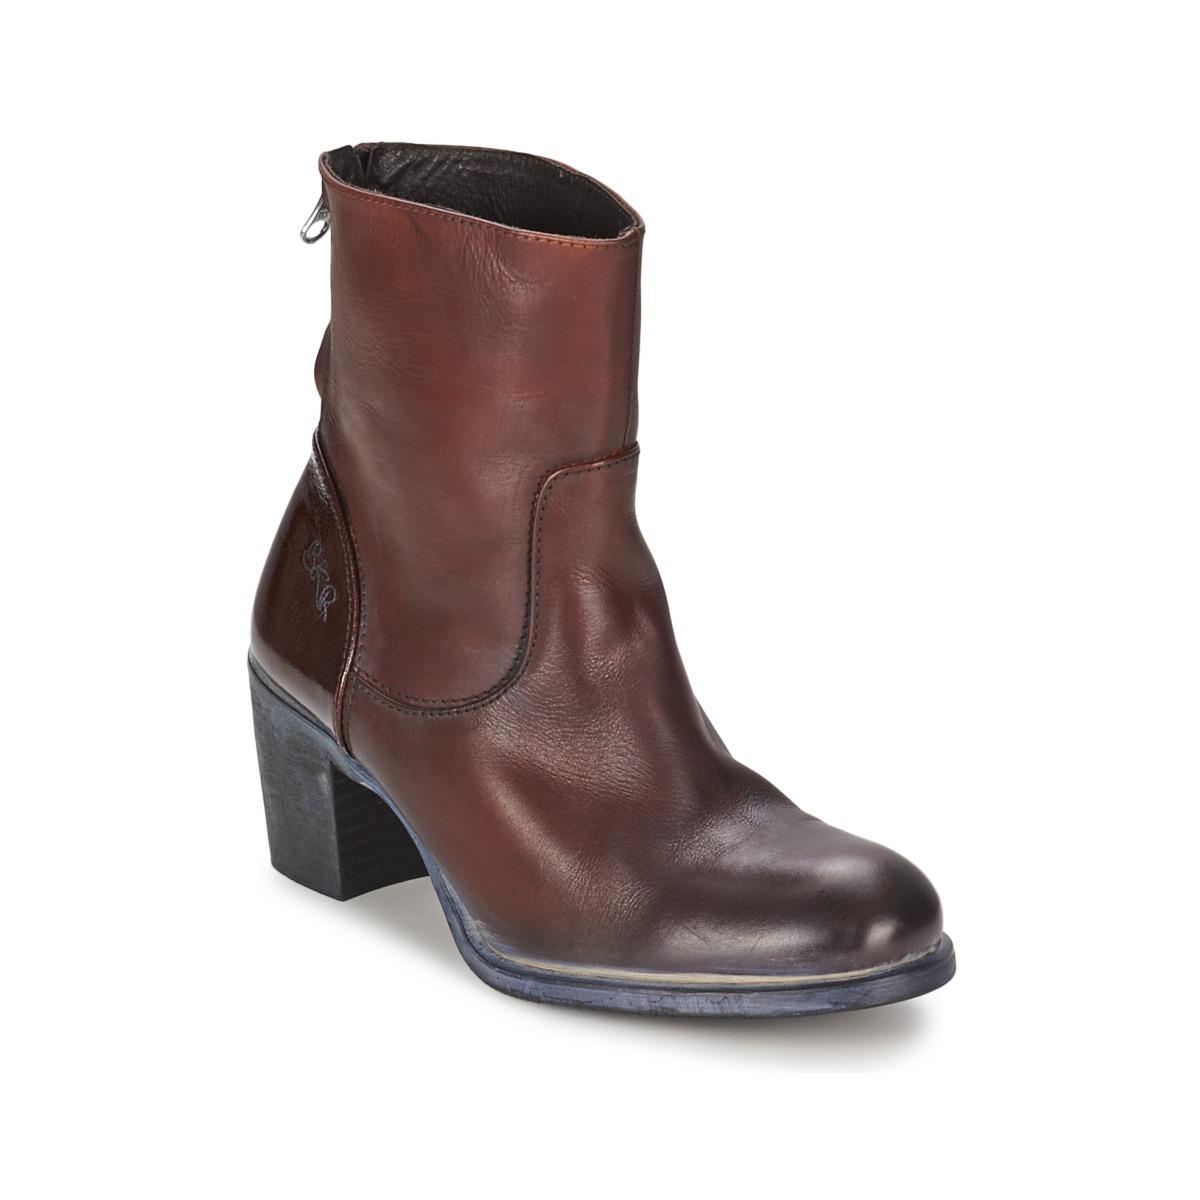 BKR LOLA Braun - Kostenloser Versand bei Spartoode ! - Schuhe Low Boots Damen 87,50 €